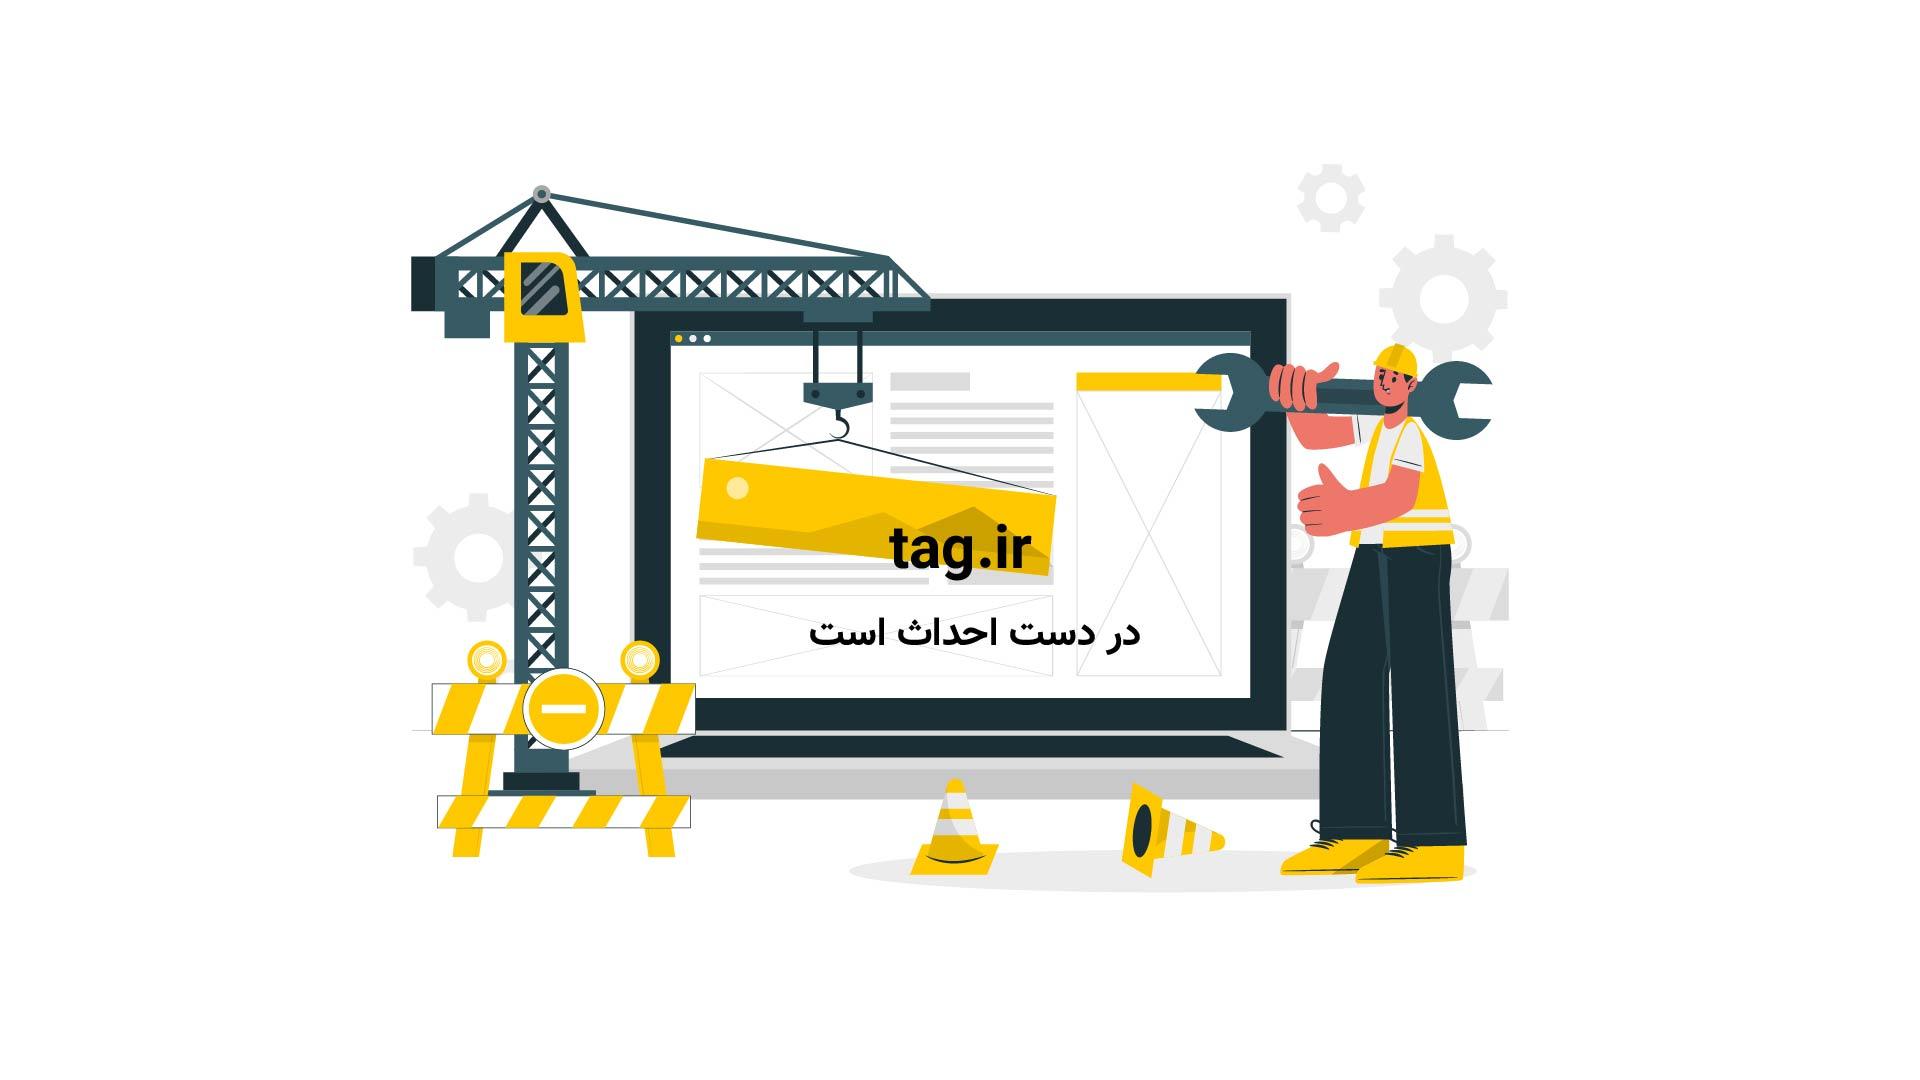 گیم پلی تمامی سوپر فینیش های سوپرمن در بازی اینجاستیس ۱ و ۲ | فیلم